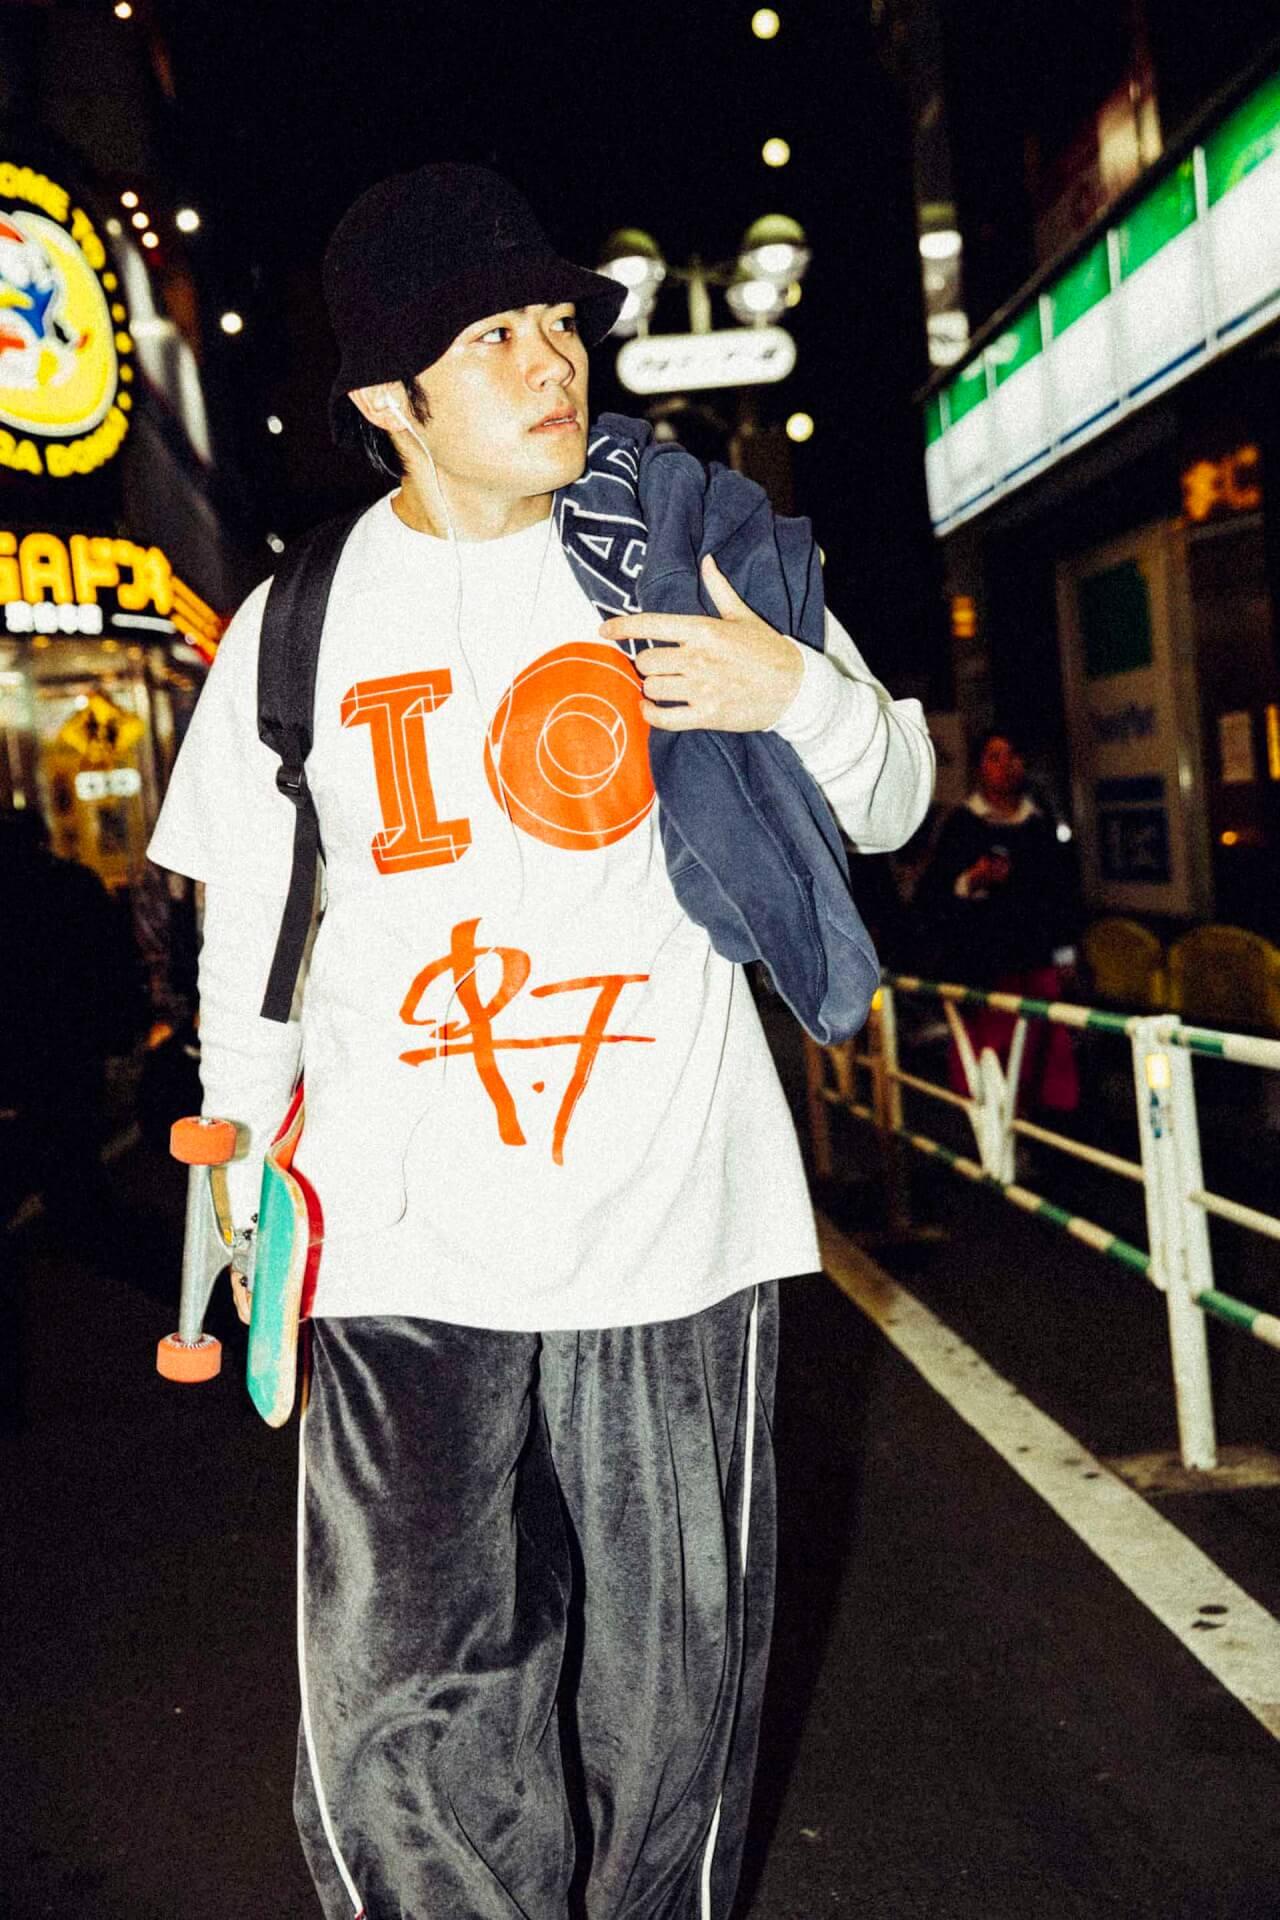 高岩遼のモノローグ|『10』リリースライブに向けて ryo-takaiwa101210-26